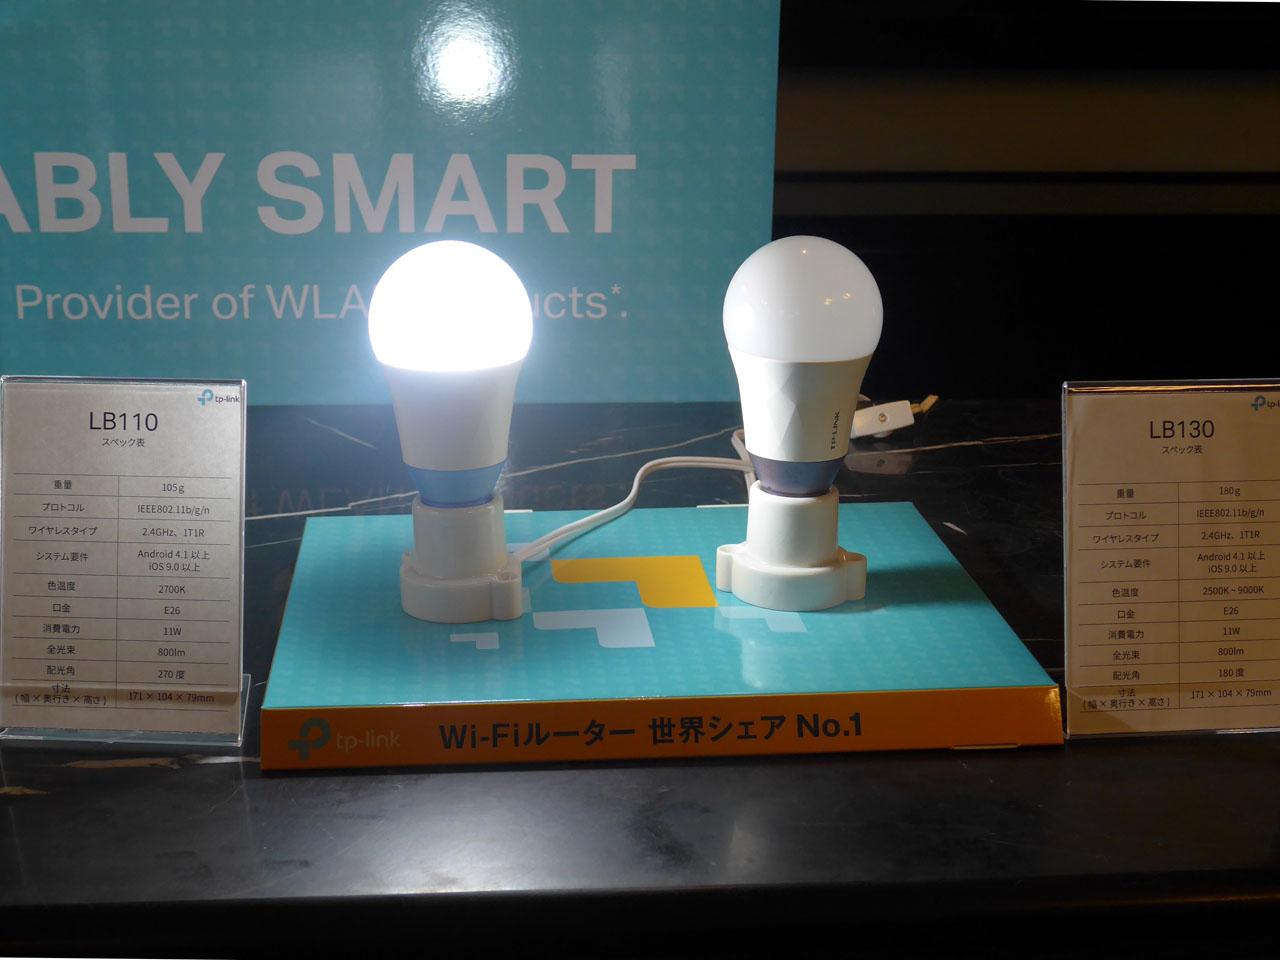 スマート電球「LB110」(左)と「LB130」(右)、夏ごろの発売を目指しているという